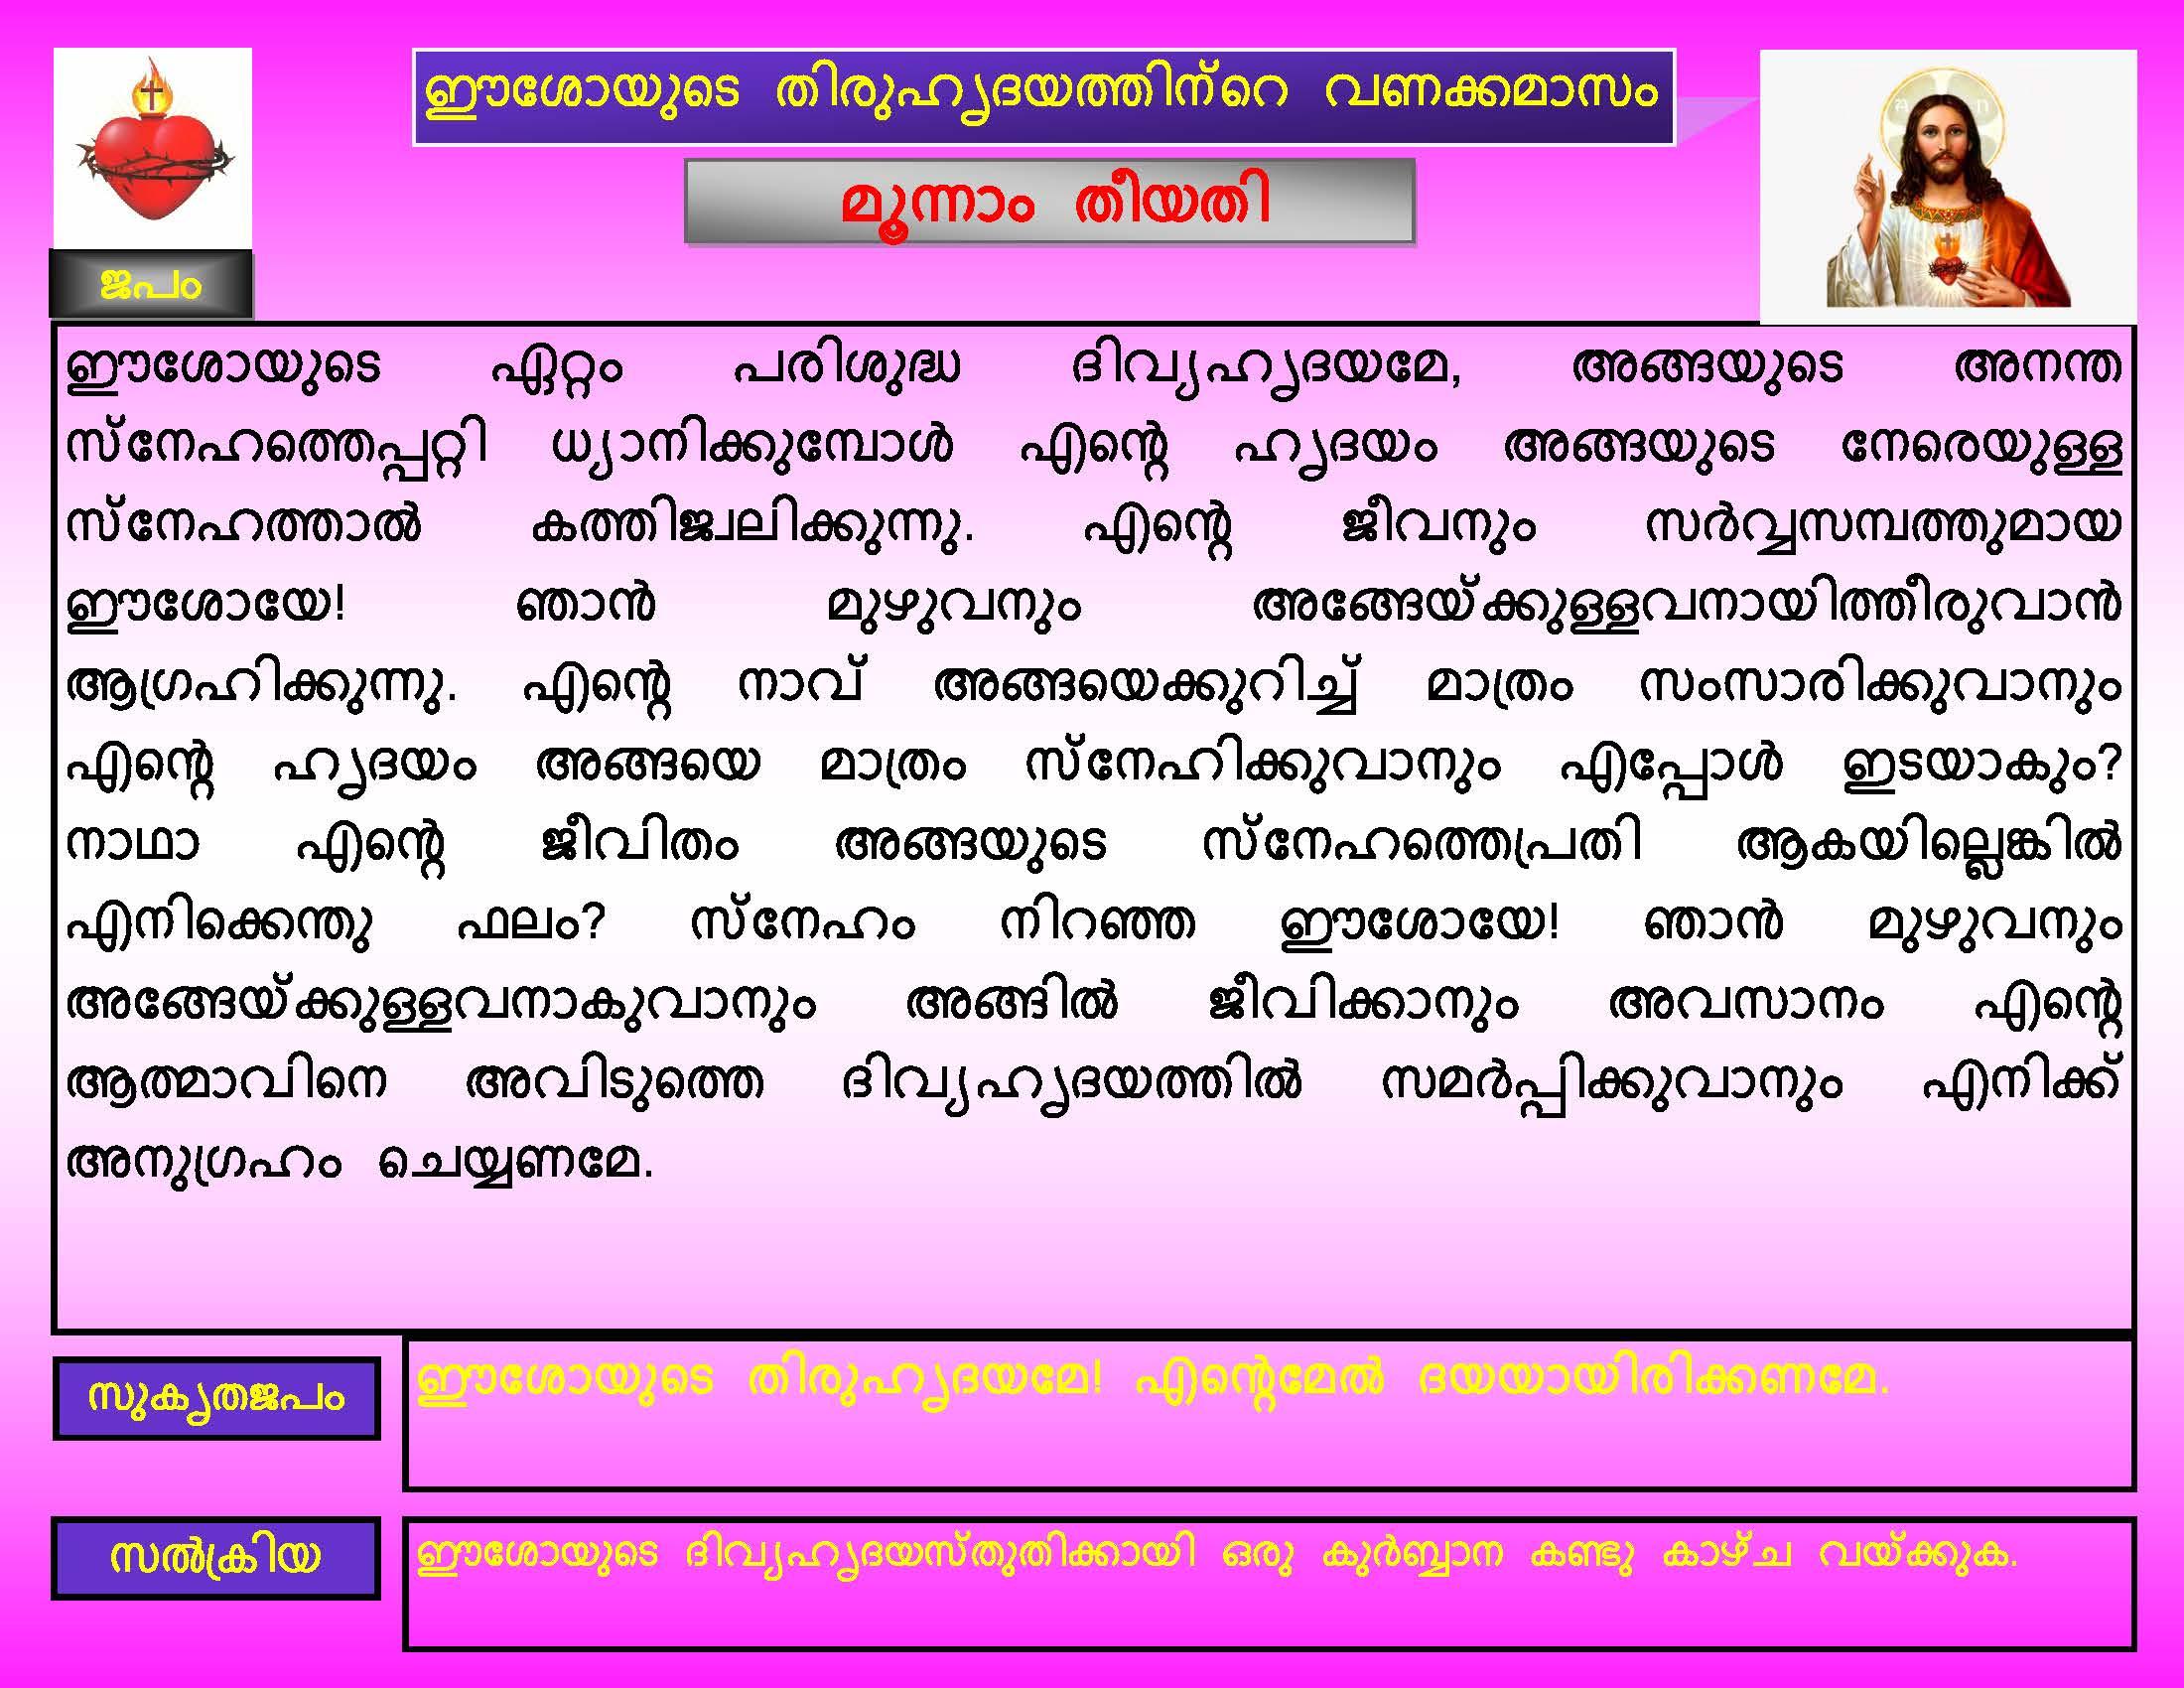 Thiruhrudaya Vanakkamasam - Day 3